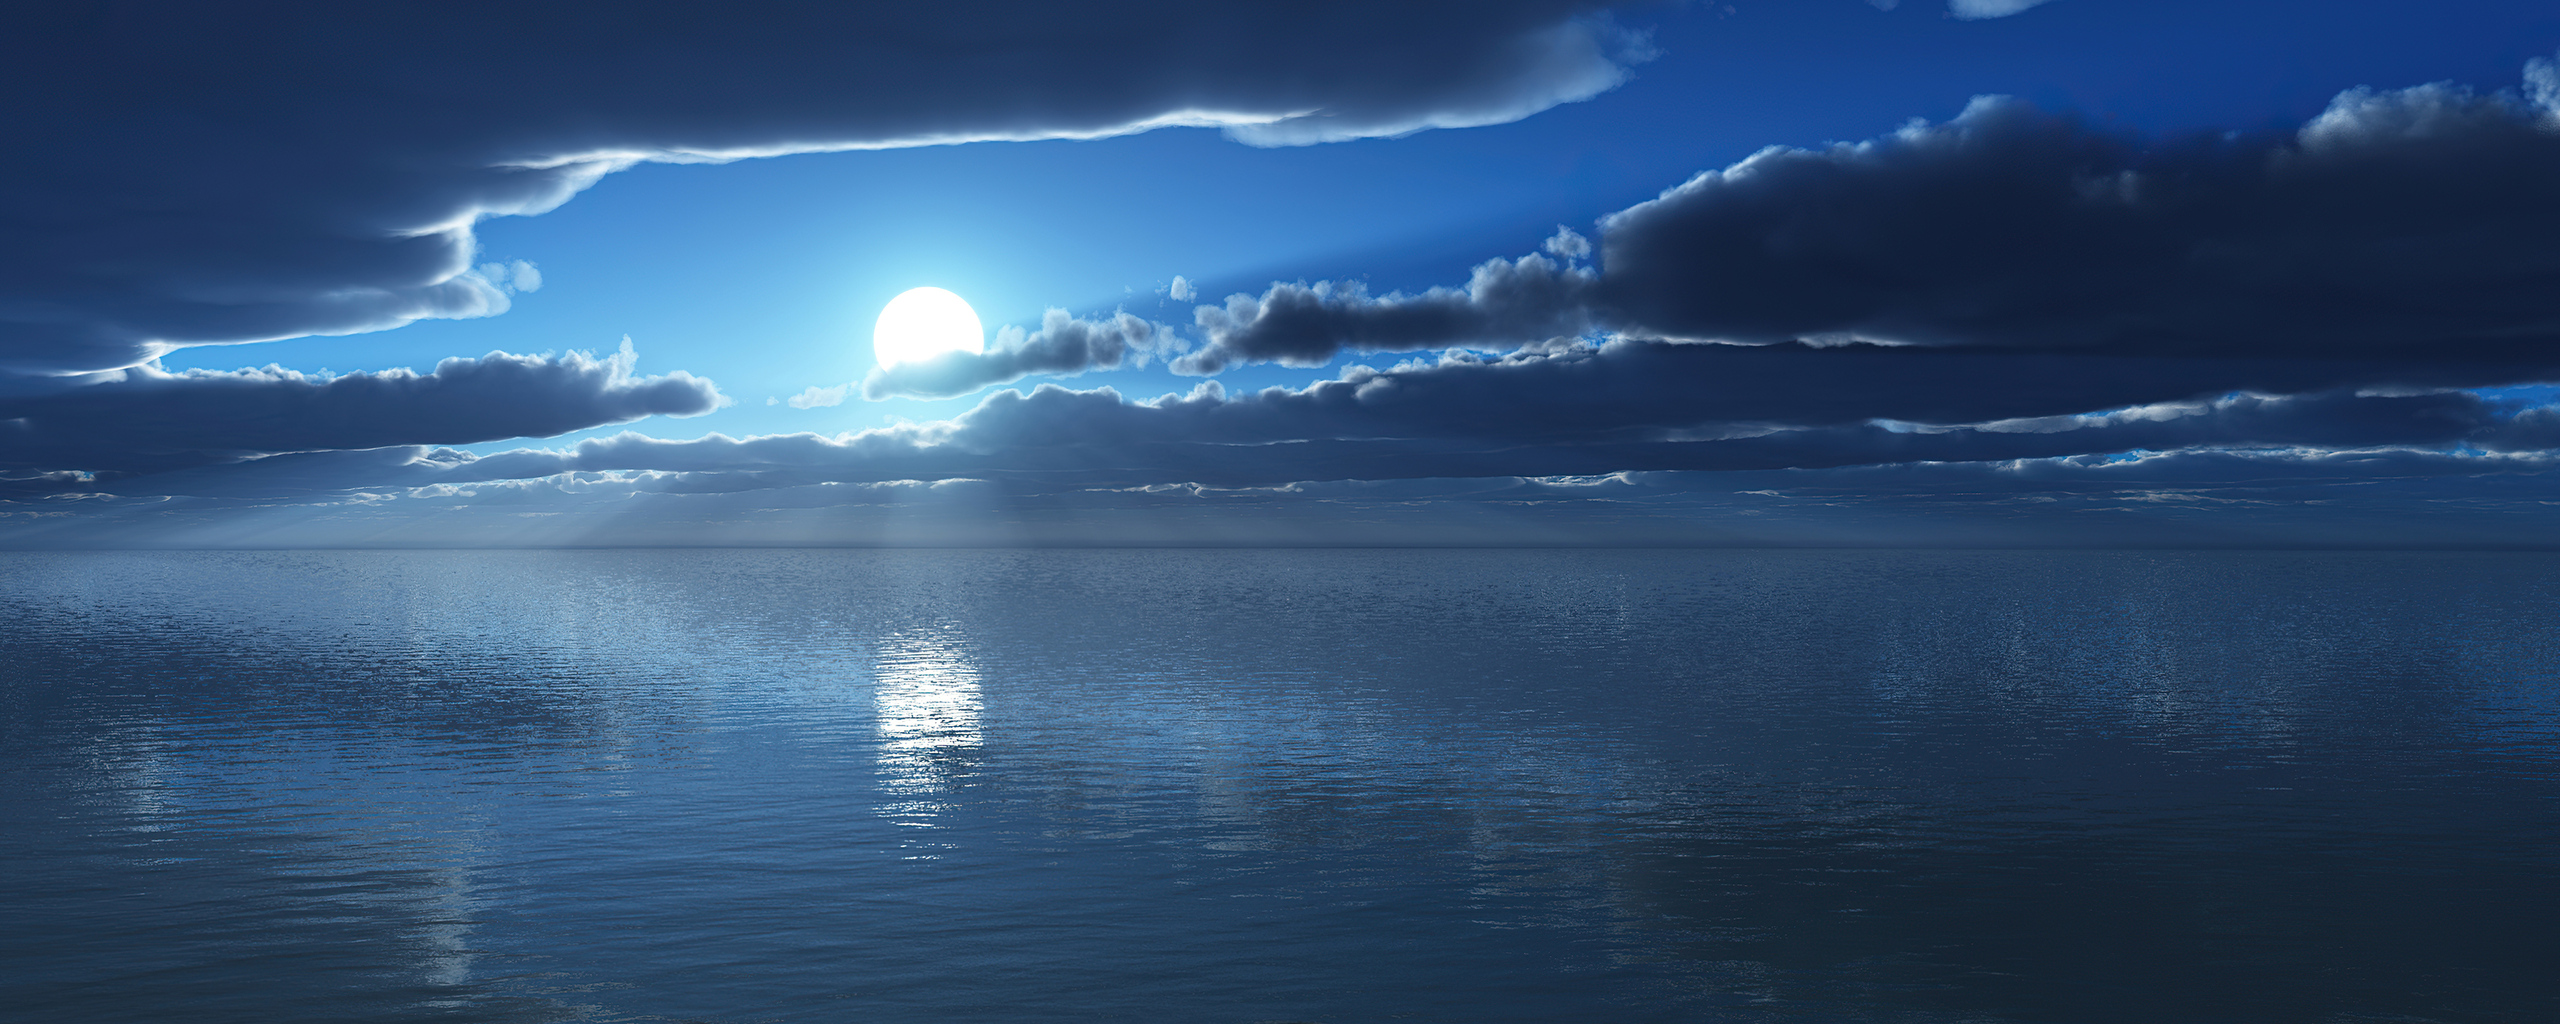 blue-ocean-silent-4k-gz.jpg